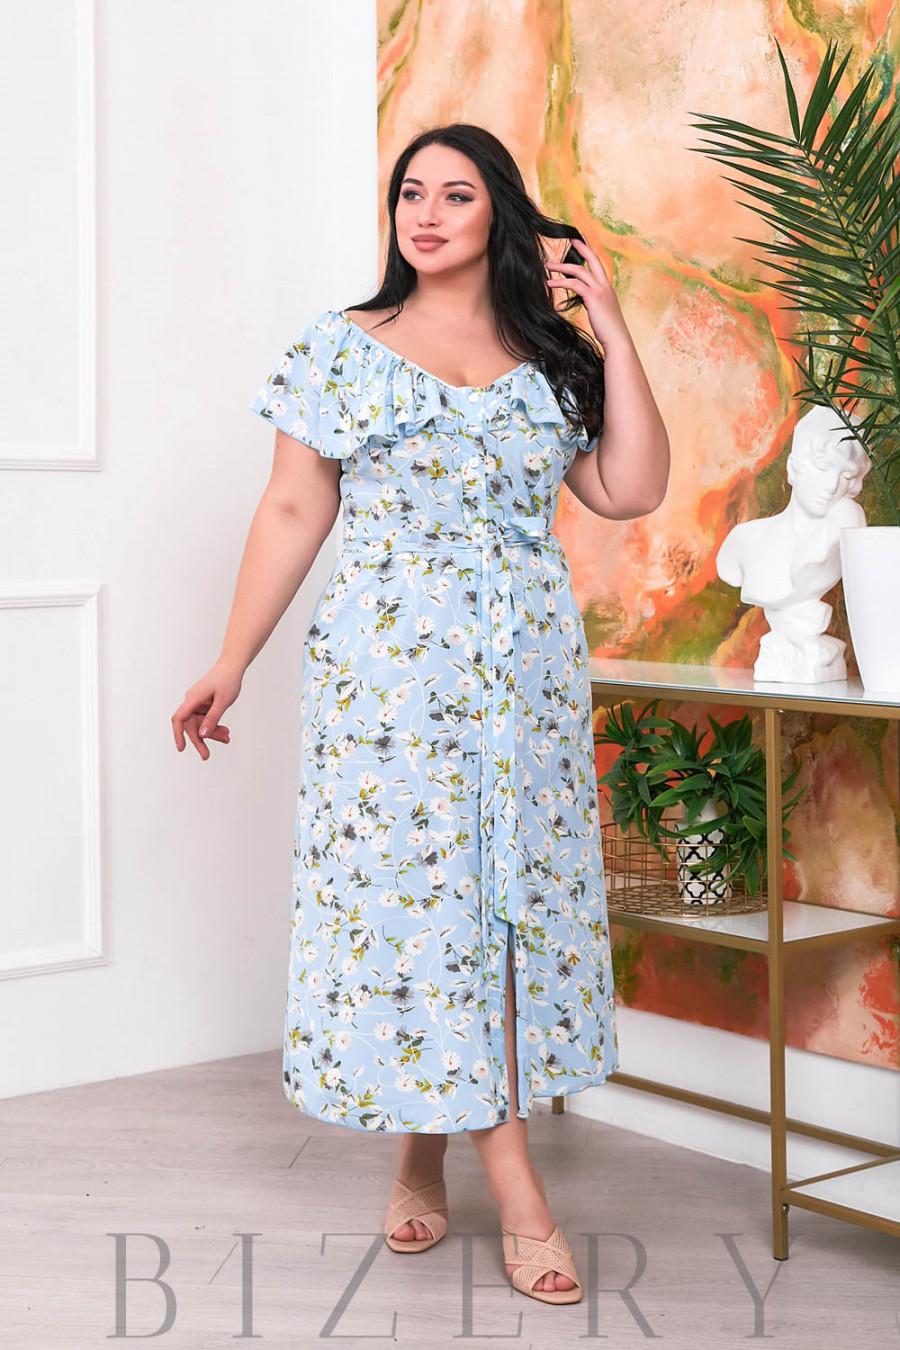 Нежное платье-сарафан голубой цвет В694